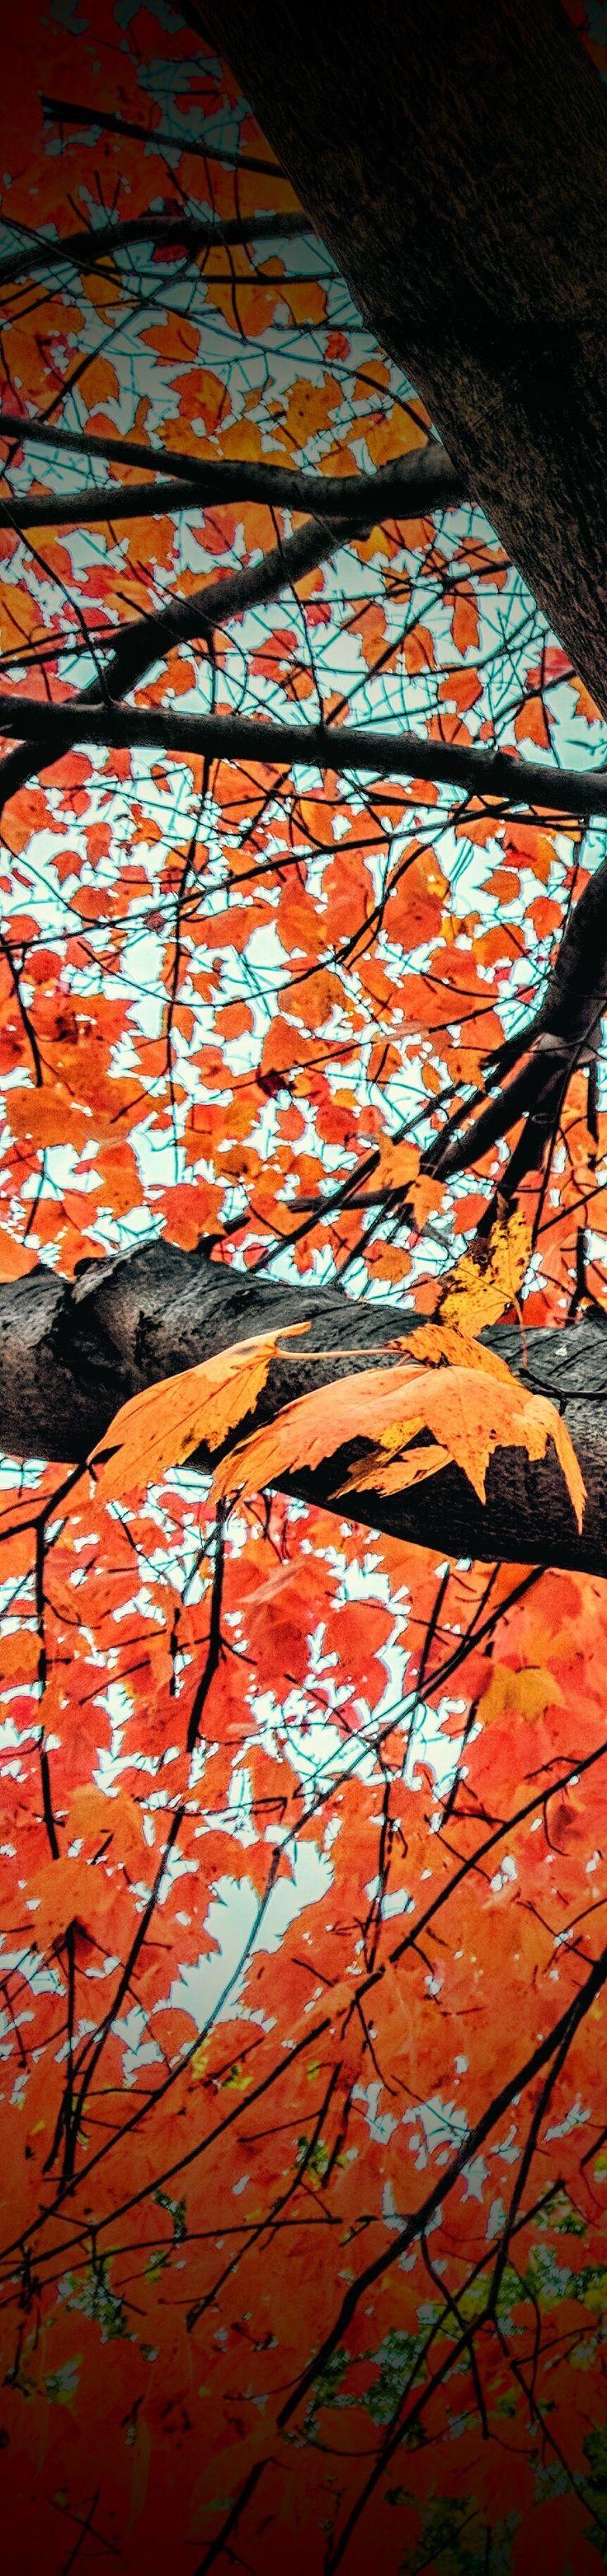 Autumn fever. Photo.m.2017